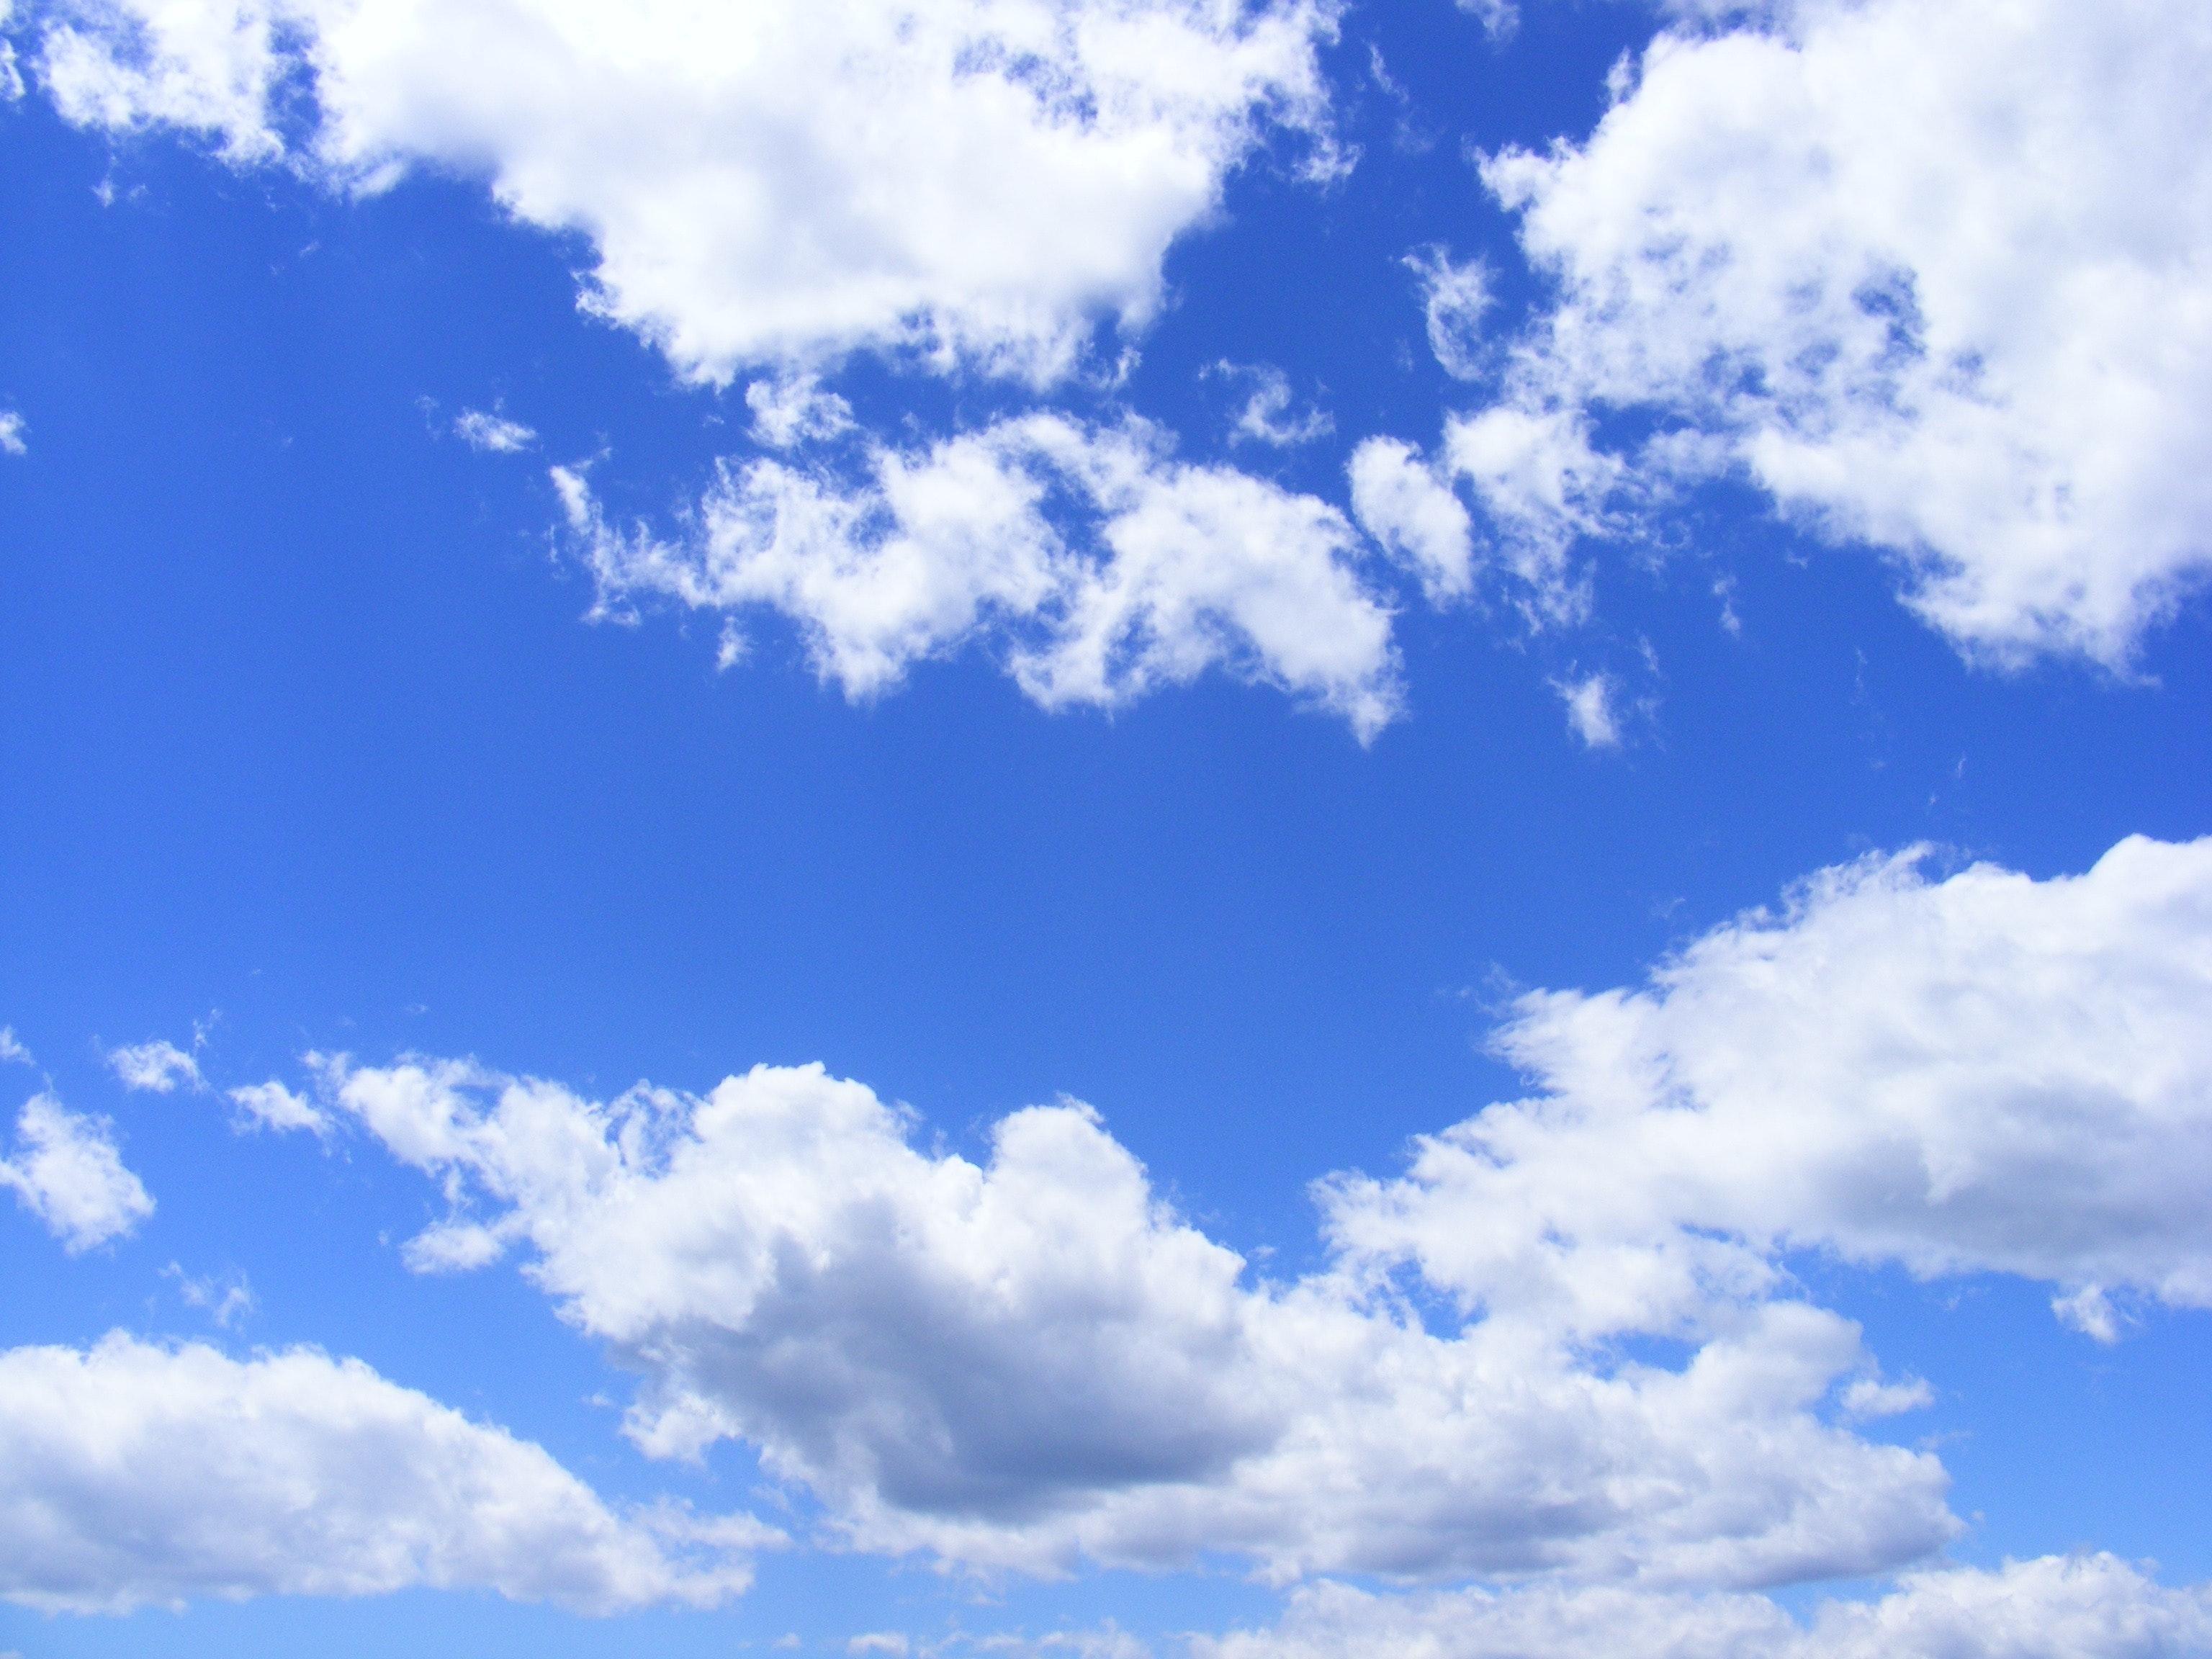 Blue skies photo